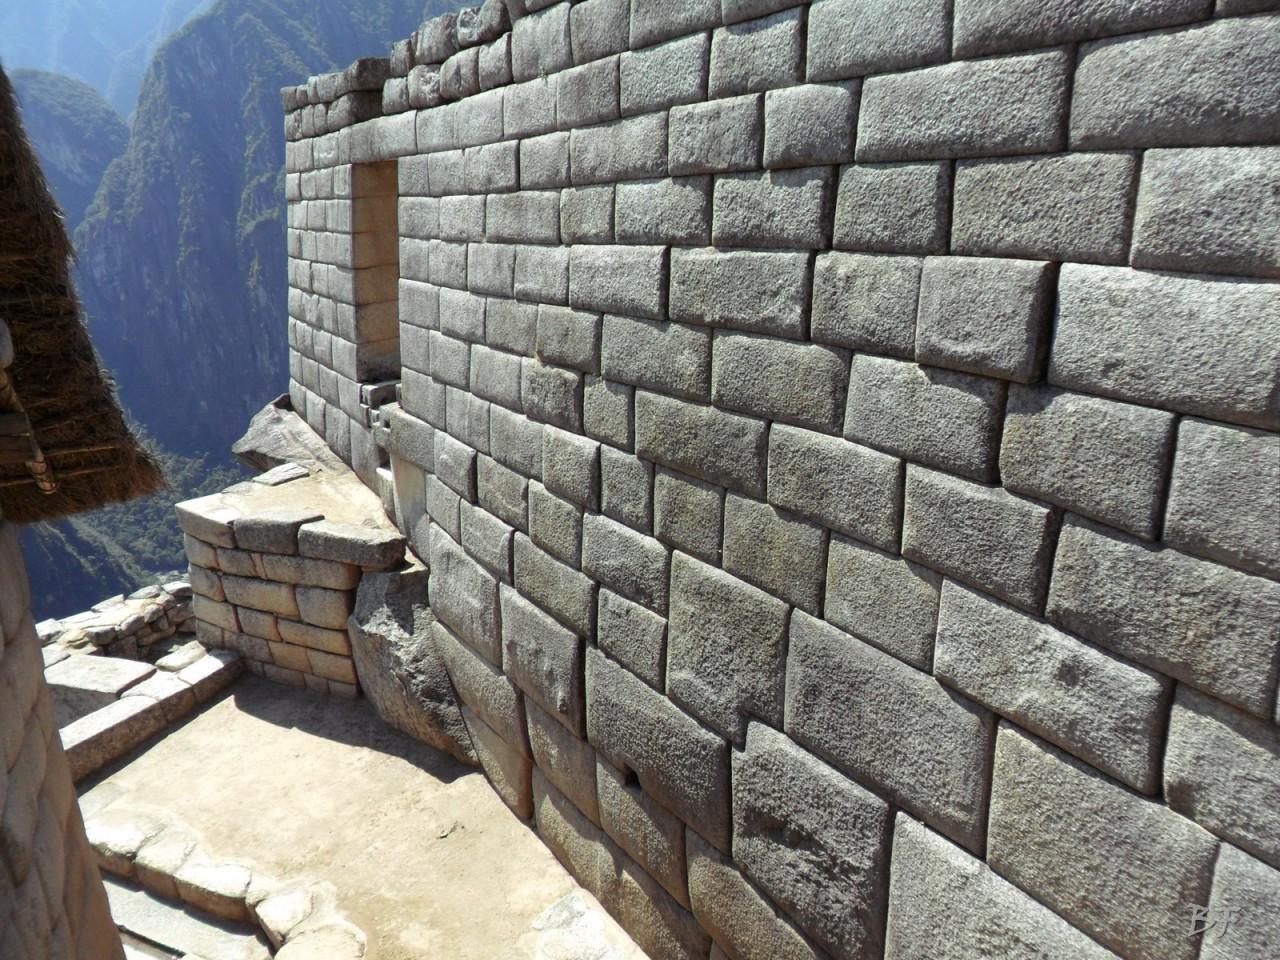 Mura-Poligonali-Incisioni-Altari-Edifici-Rupestri-Megaliti-Machu-Picchu-Aguas-Calientes-Urubamba-Cusco-Perù-29